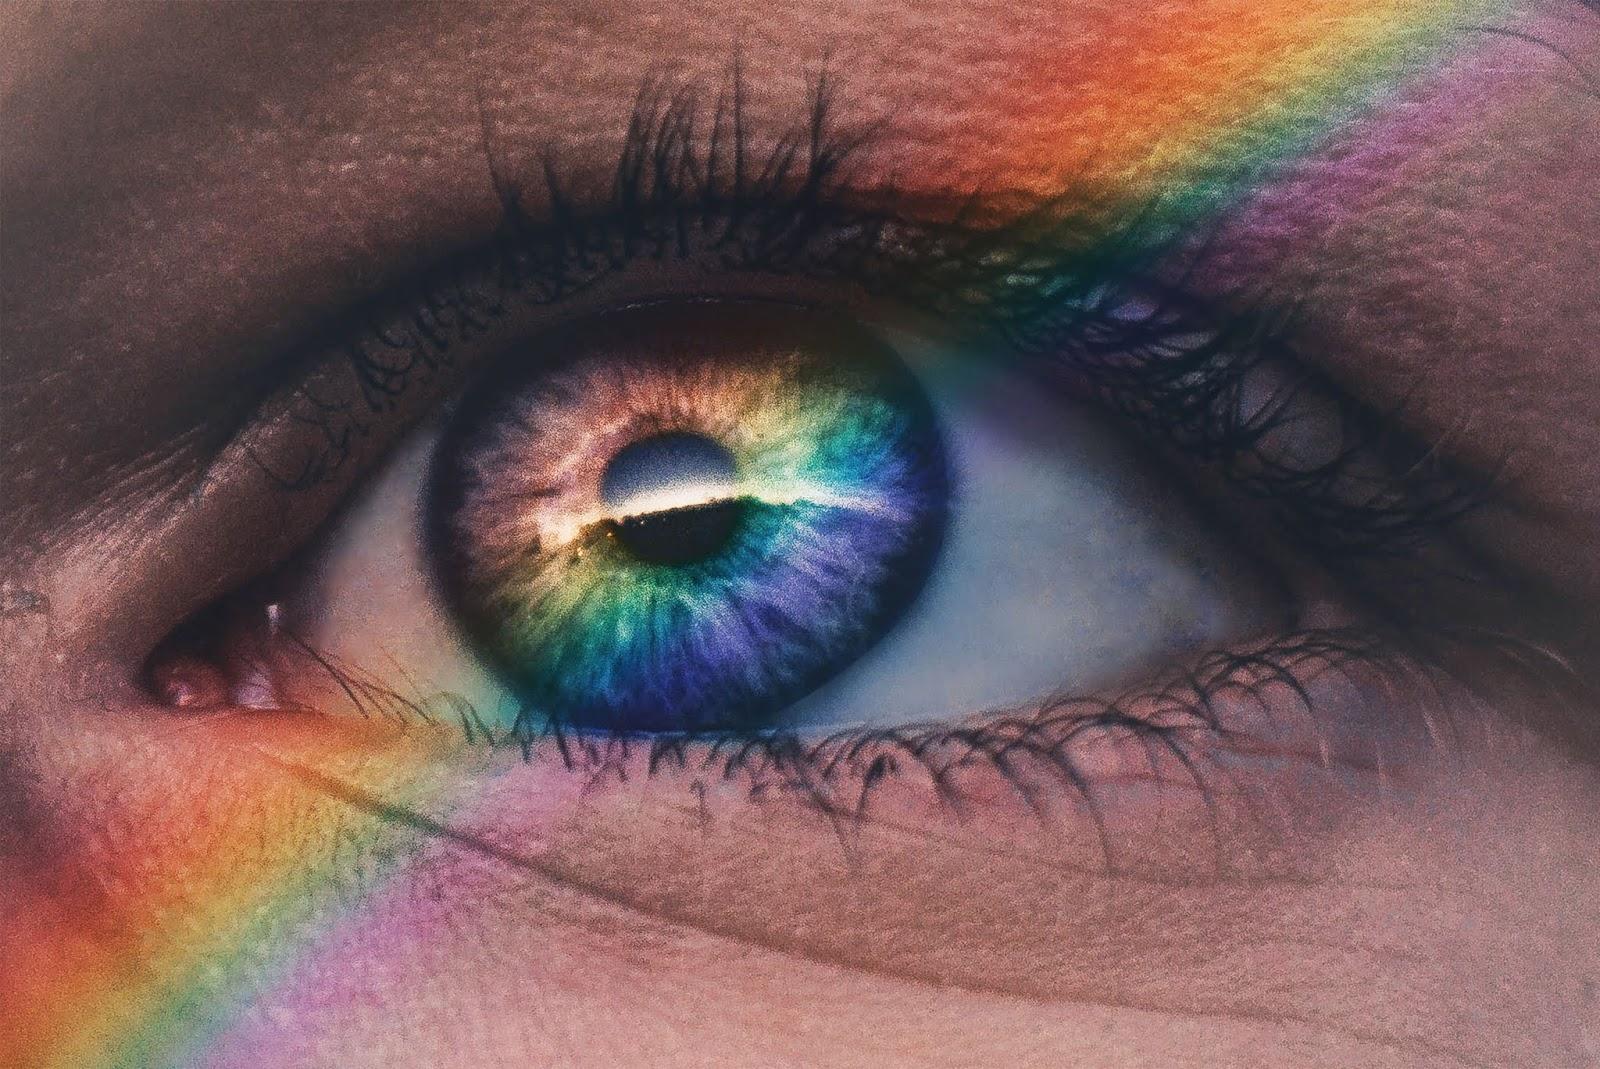 hol végeznek szemműtétet hogyan lehet kijavítani a látást asztigmatizmussal